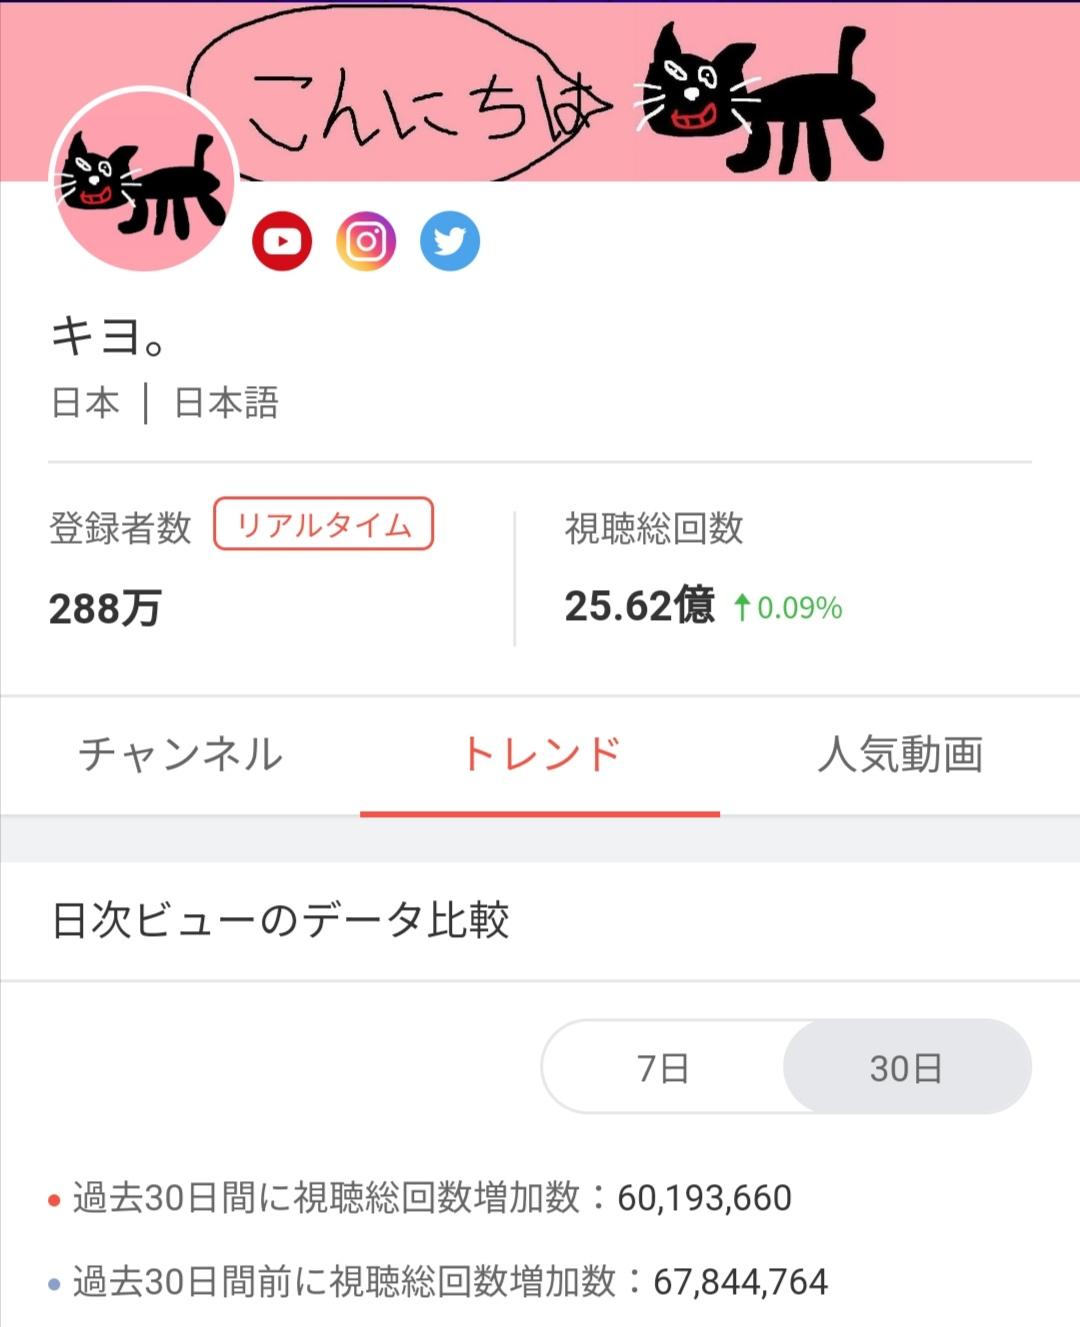 スレ キヨ 【最俺嫌い】最俺キヨの最新アンチスレまとめ【TOP4嫌い】